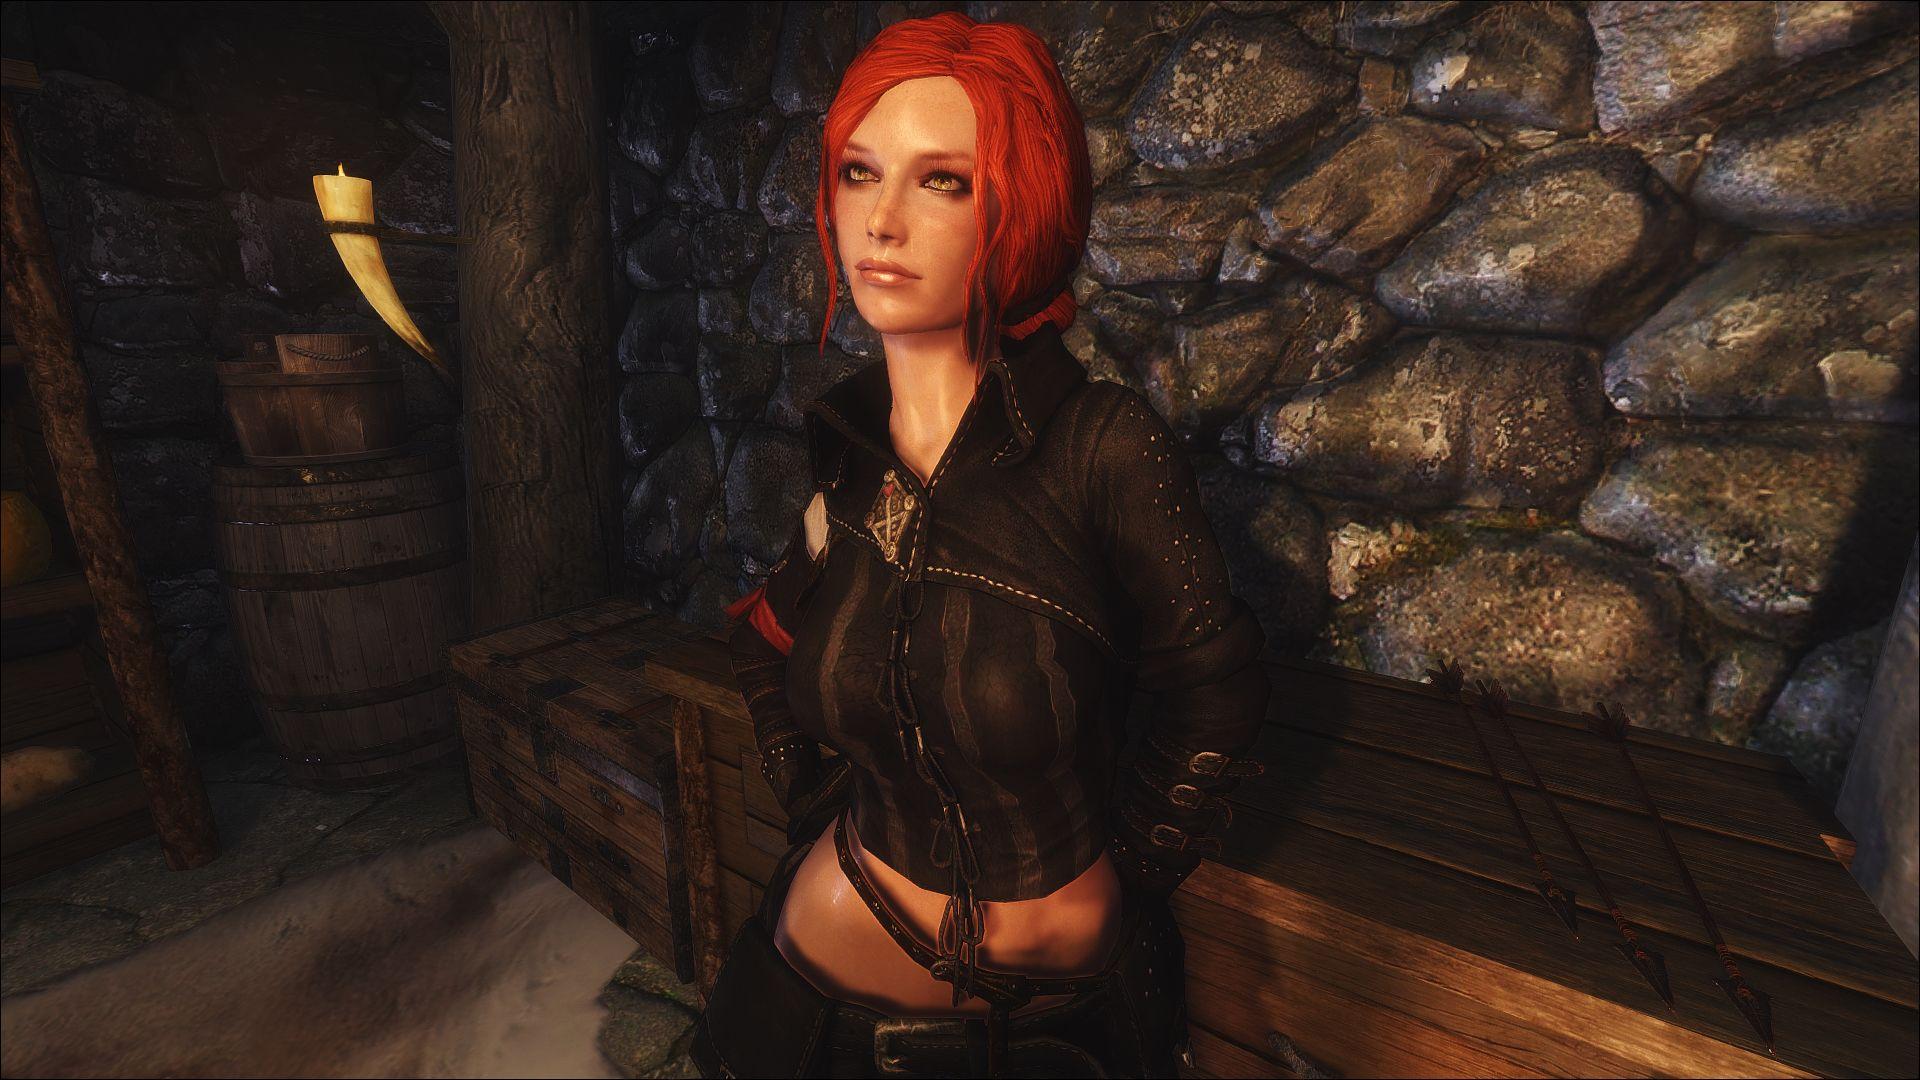 Pin De Todo Sobre Videojuegos Tsv En The Witcher 3 Wild